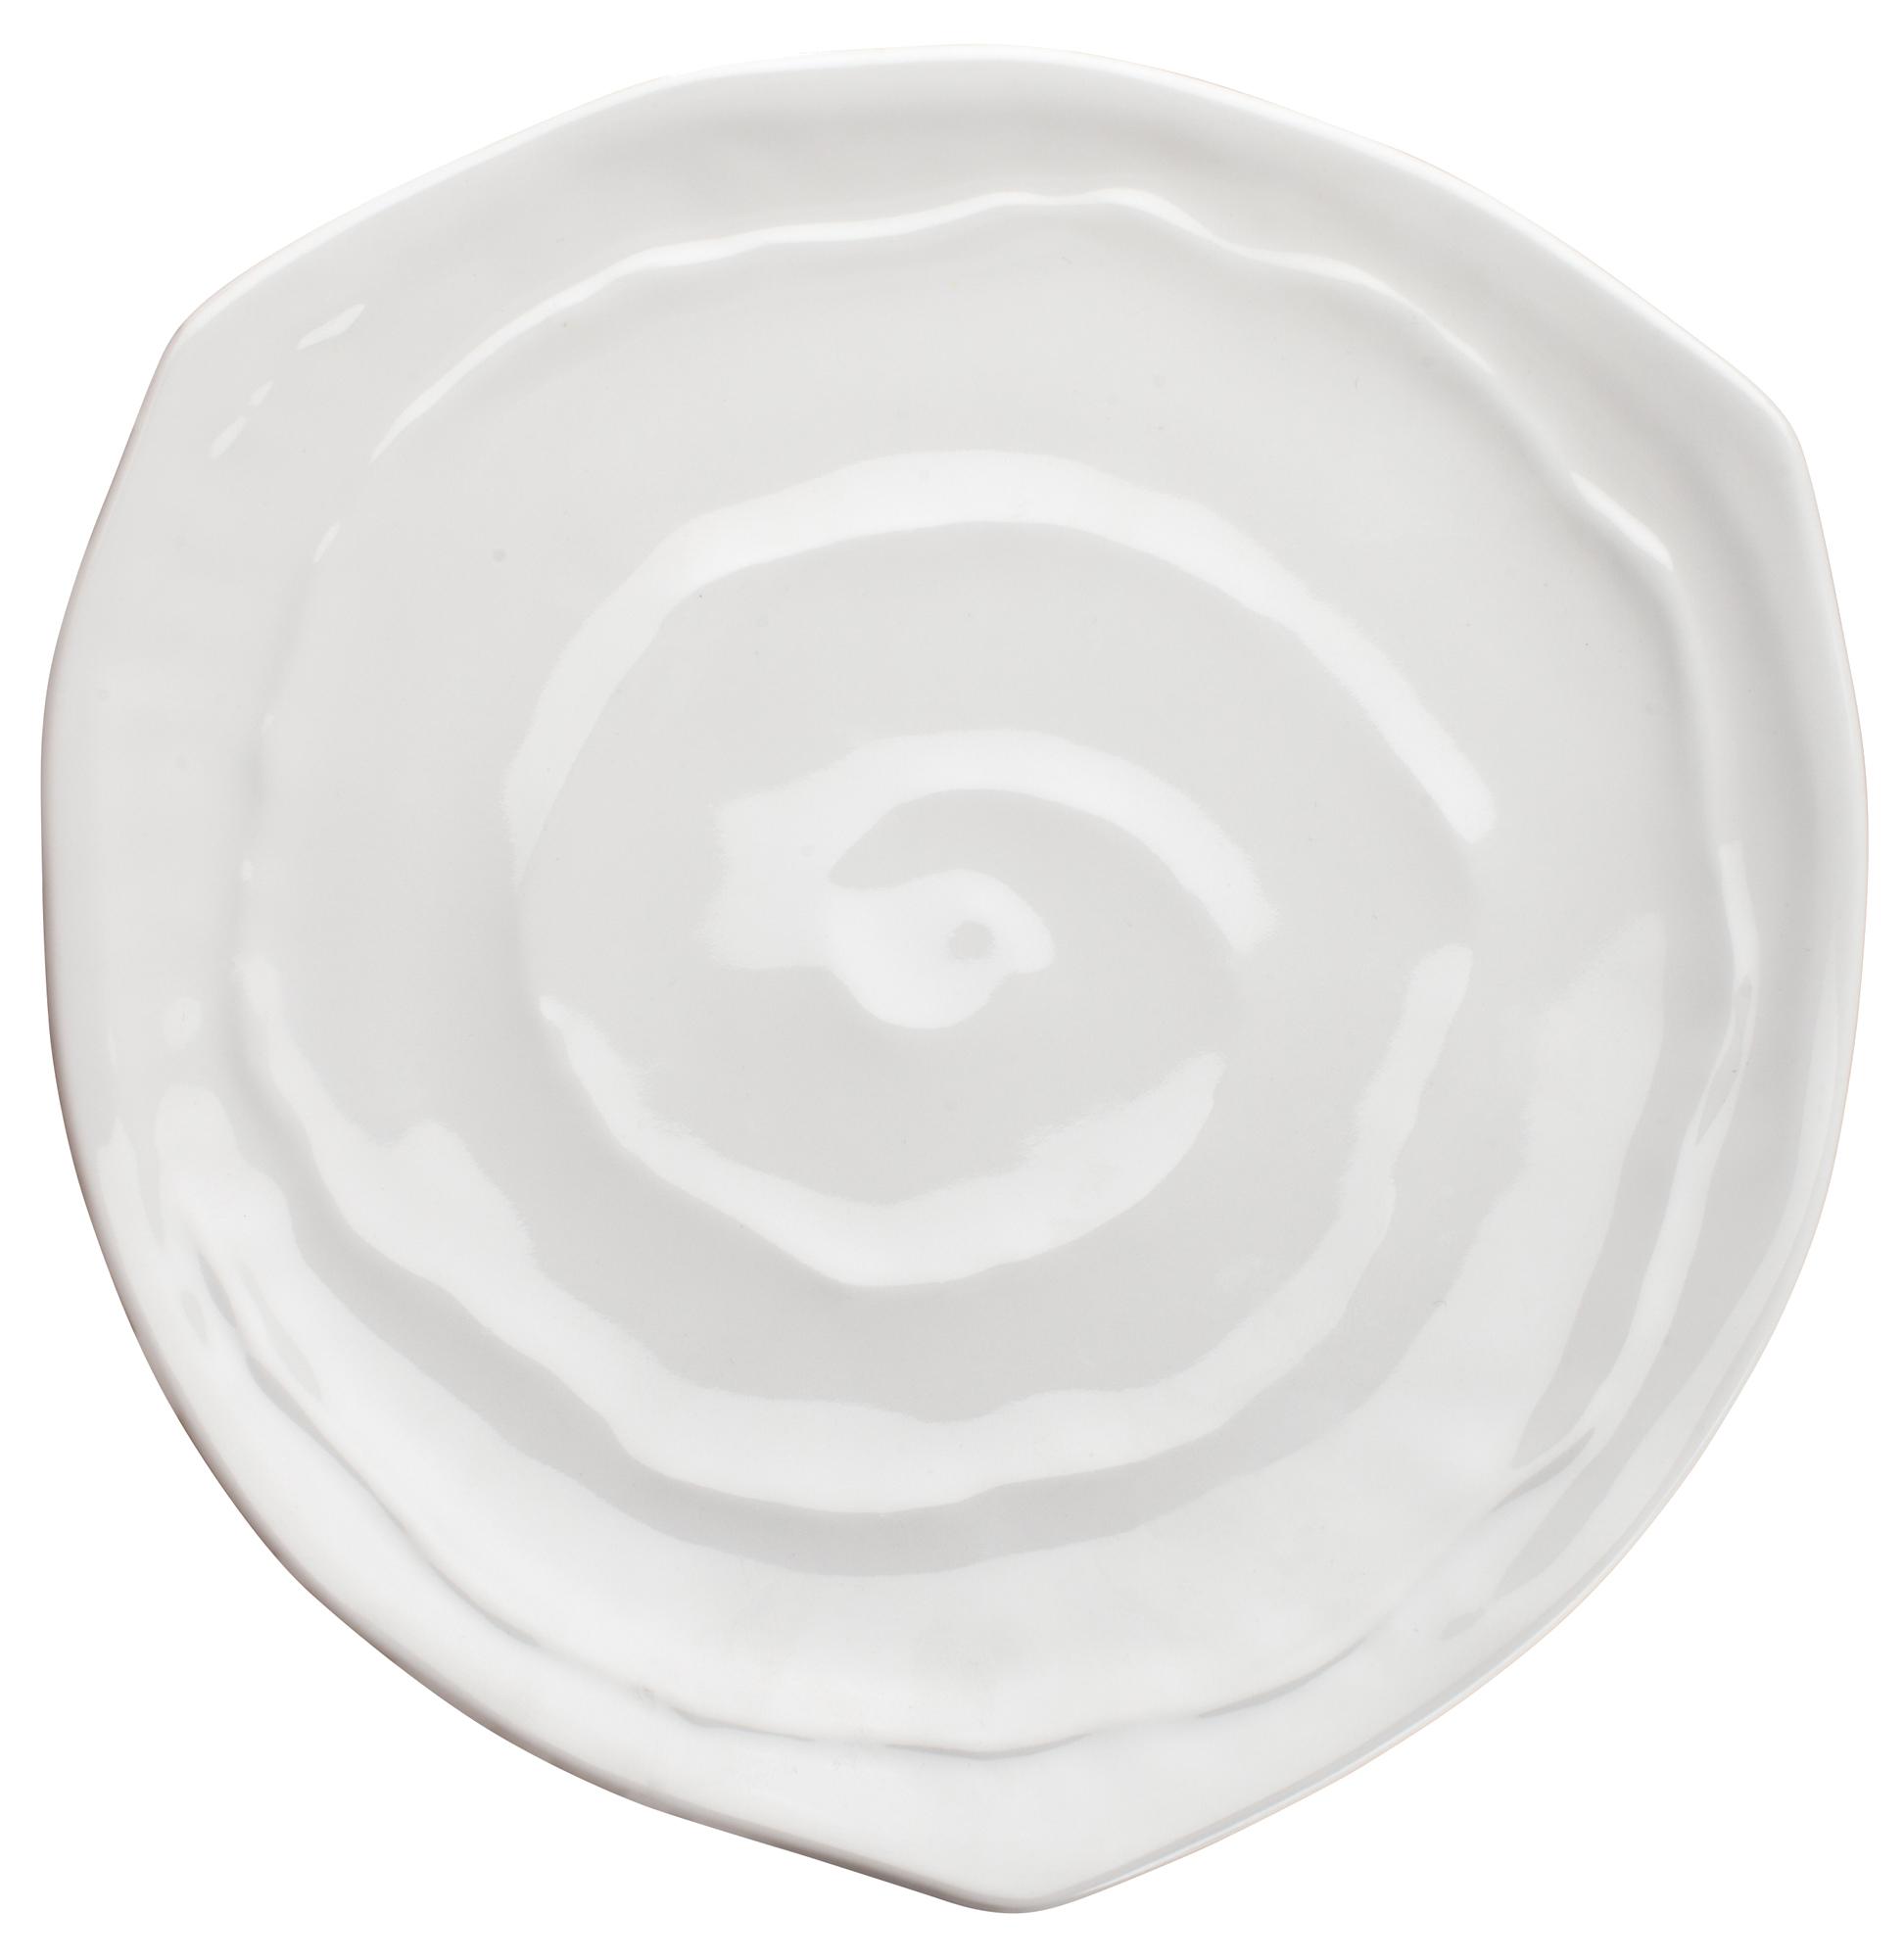 Winco WDM007-201 plate, plastic